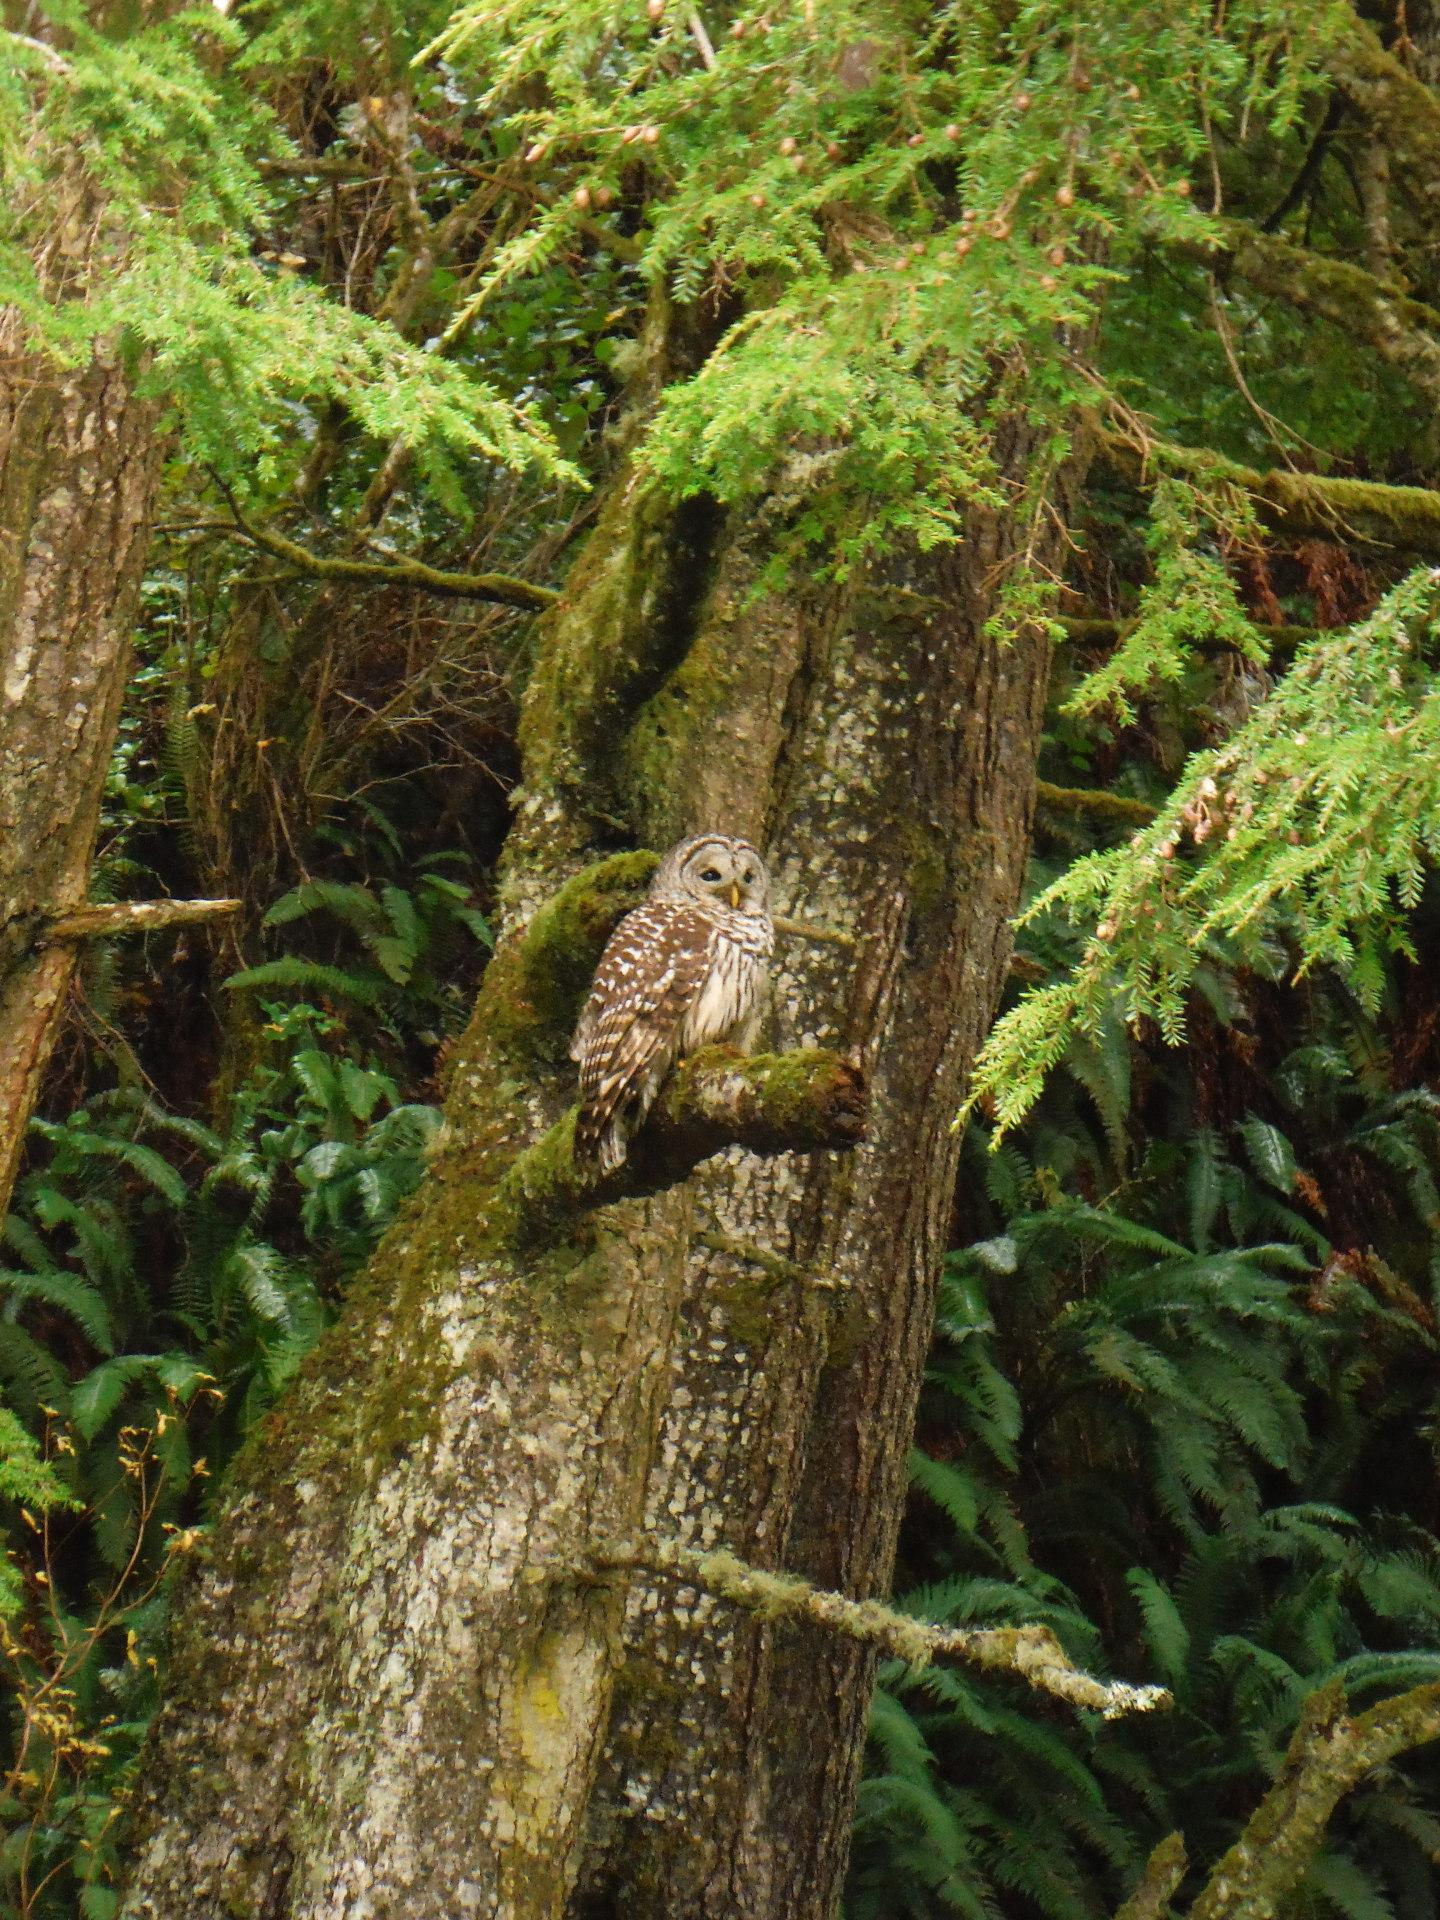 Olympic Peninsula Owl